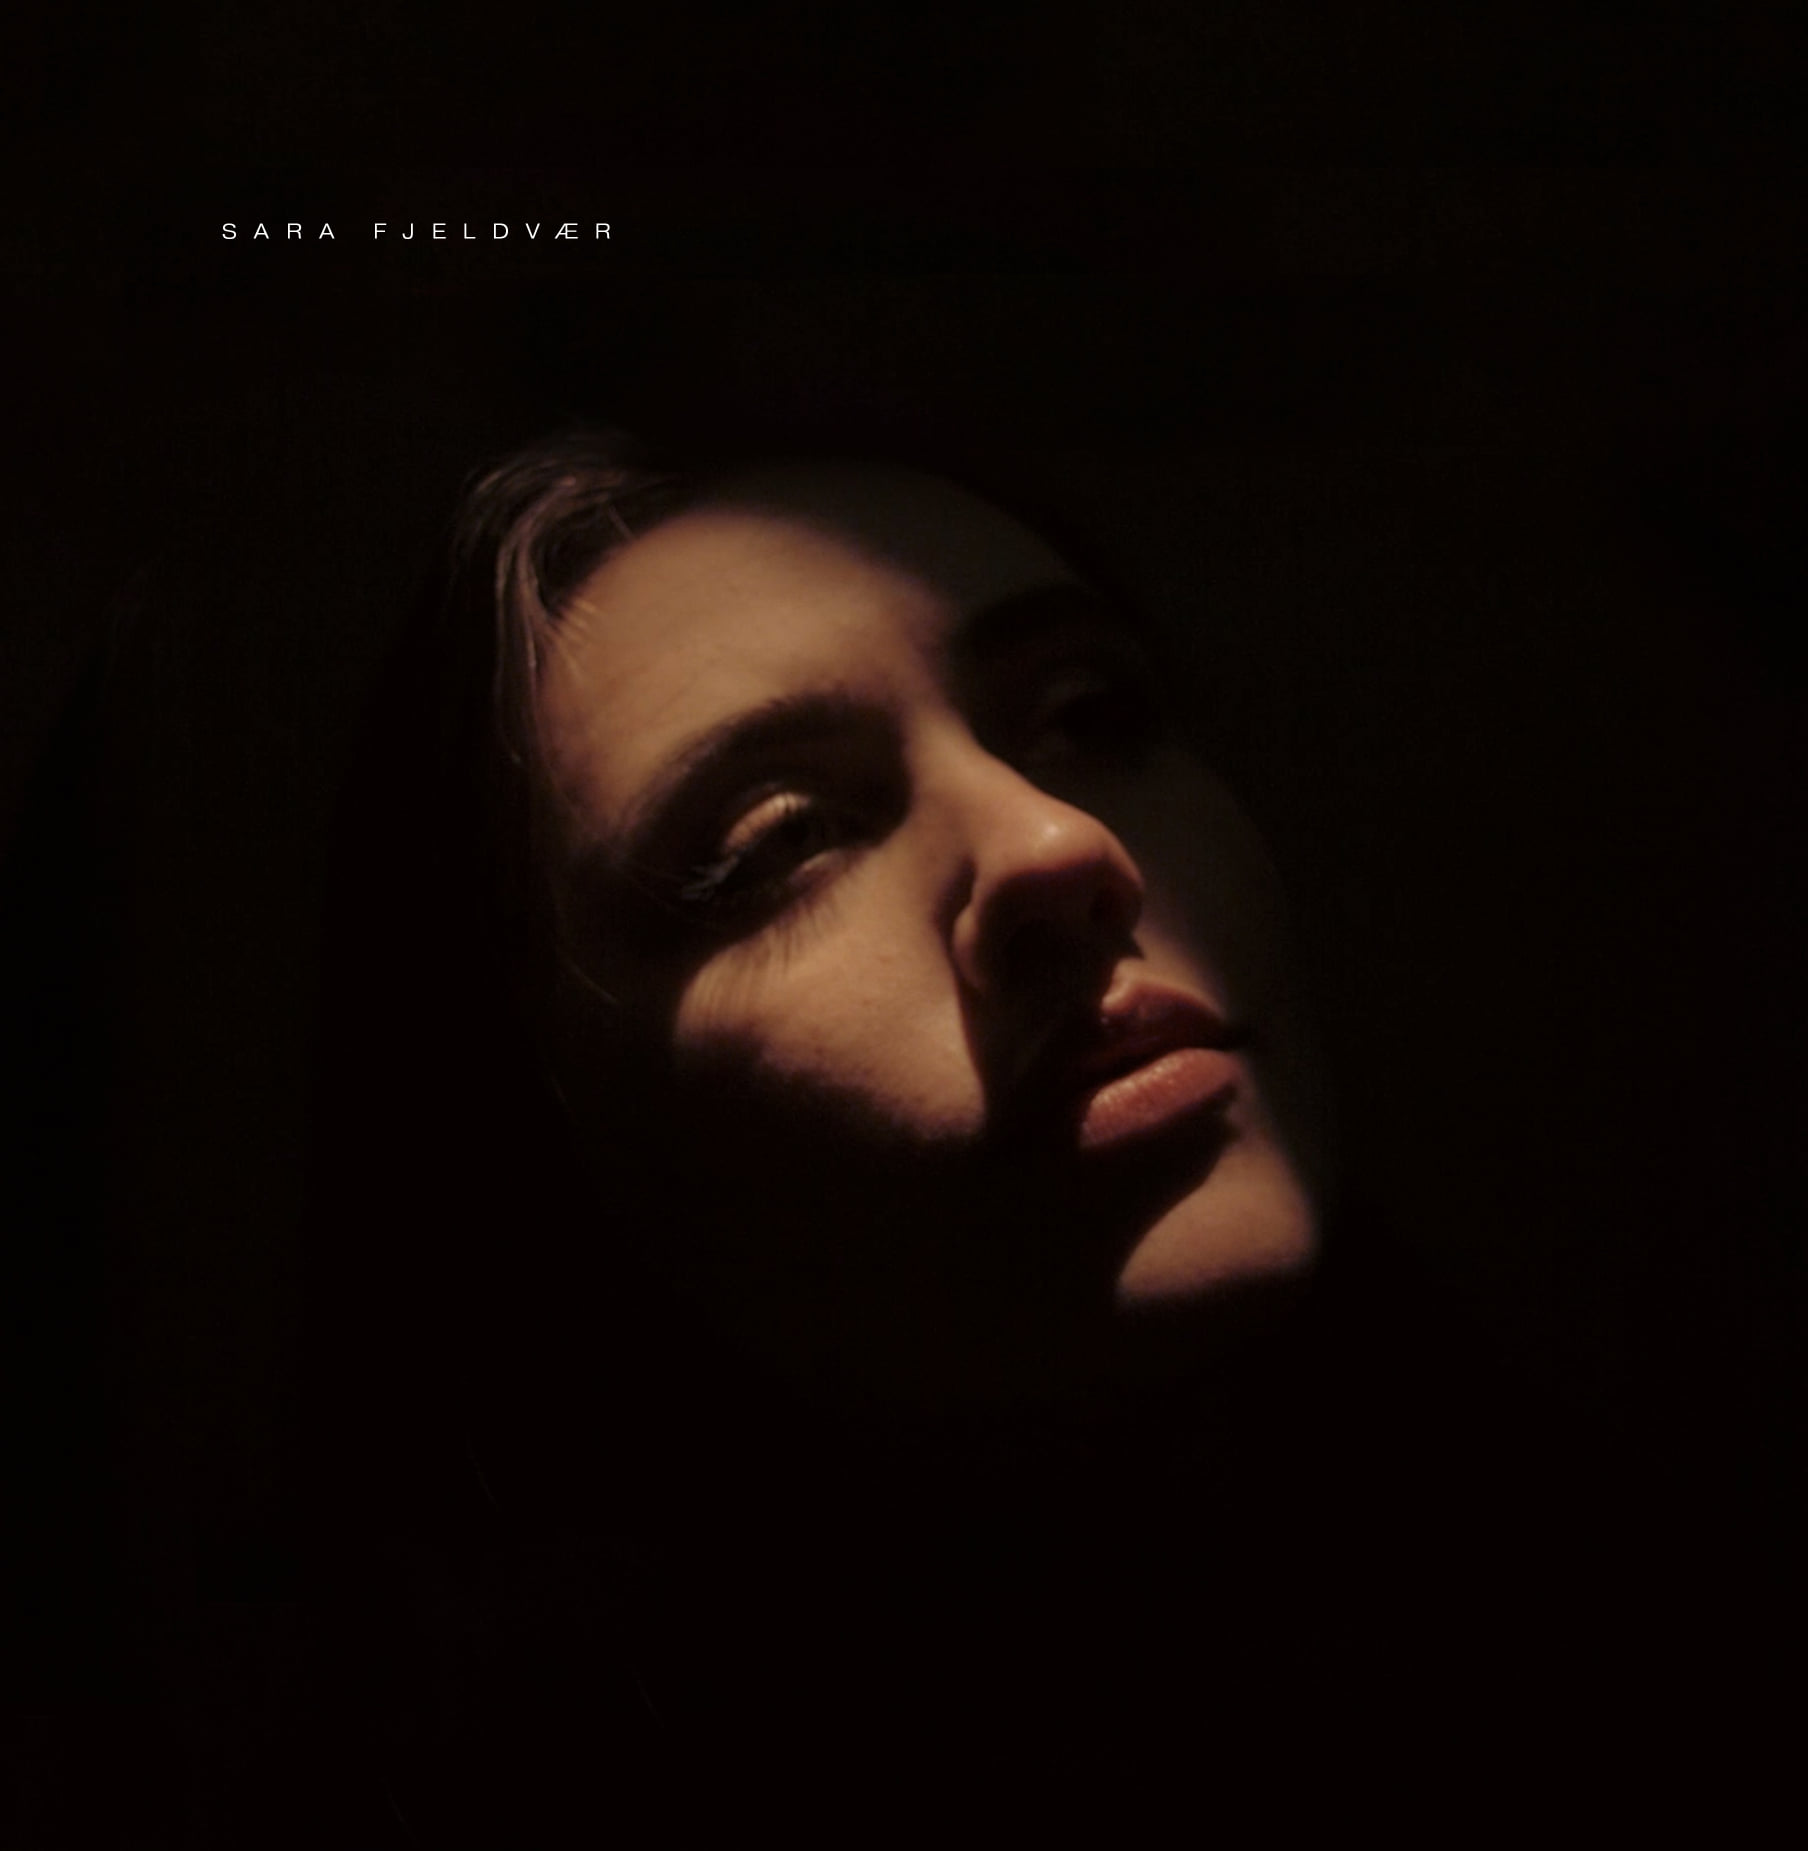 Sara Fjeldvær - Sara Fjeldvær [LP]